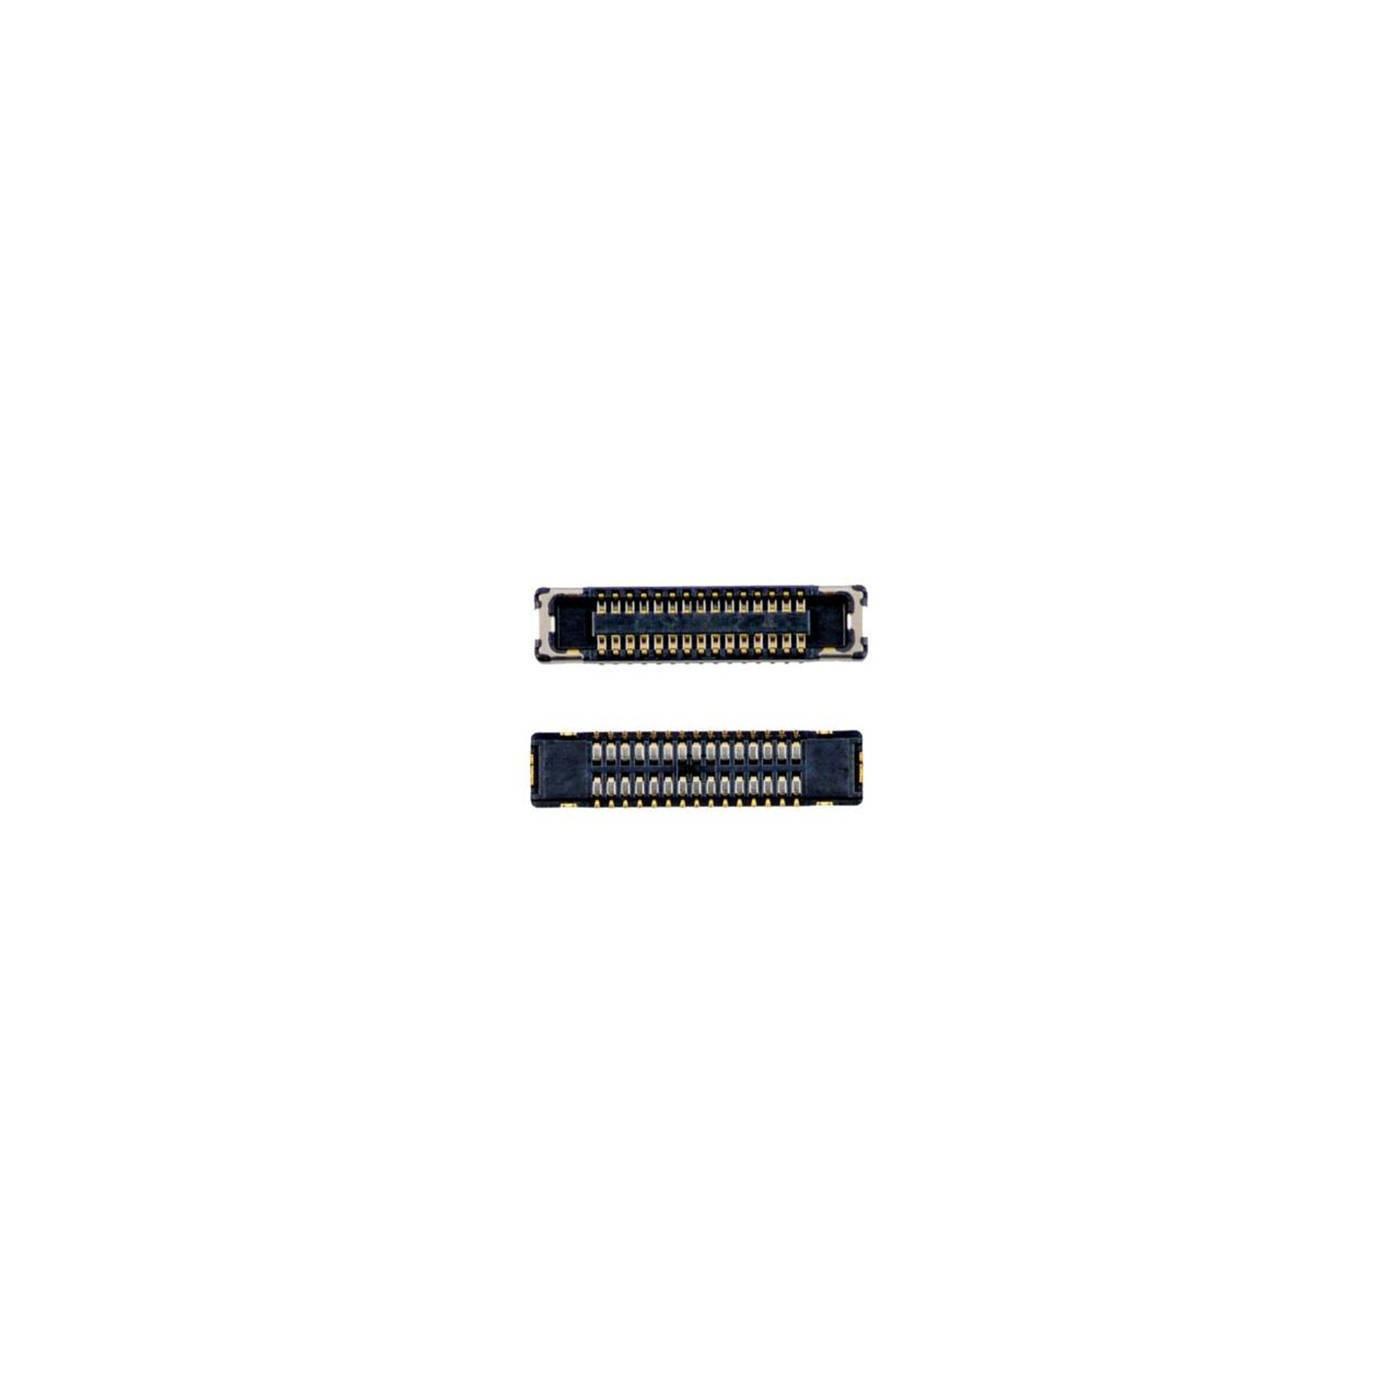 LCD-Anschluss Display auf dem Motherboard für iPhone 6 FPC LCD-Anschluss